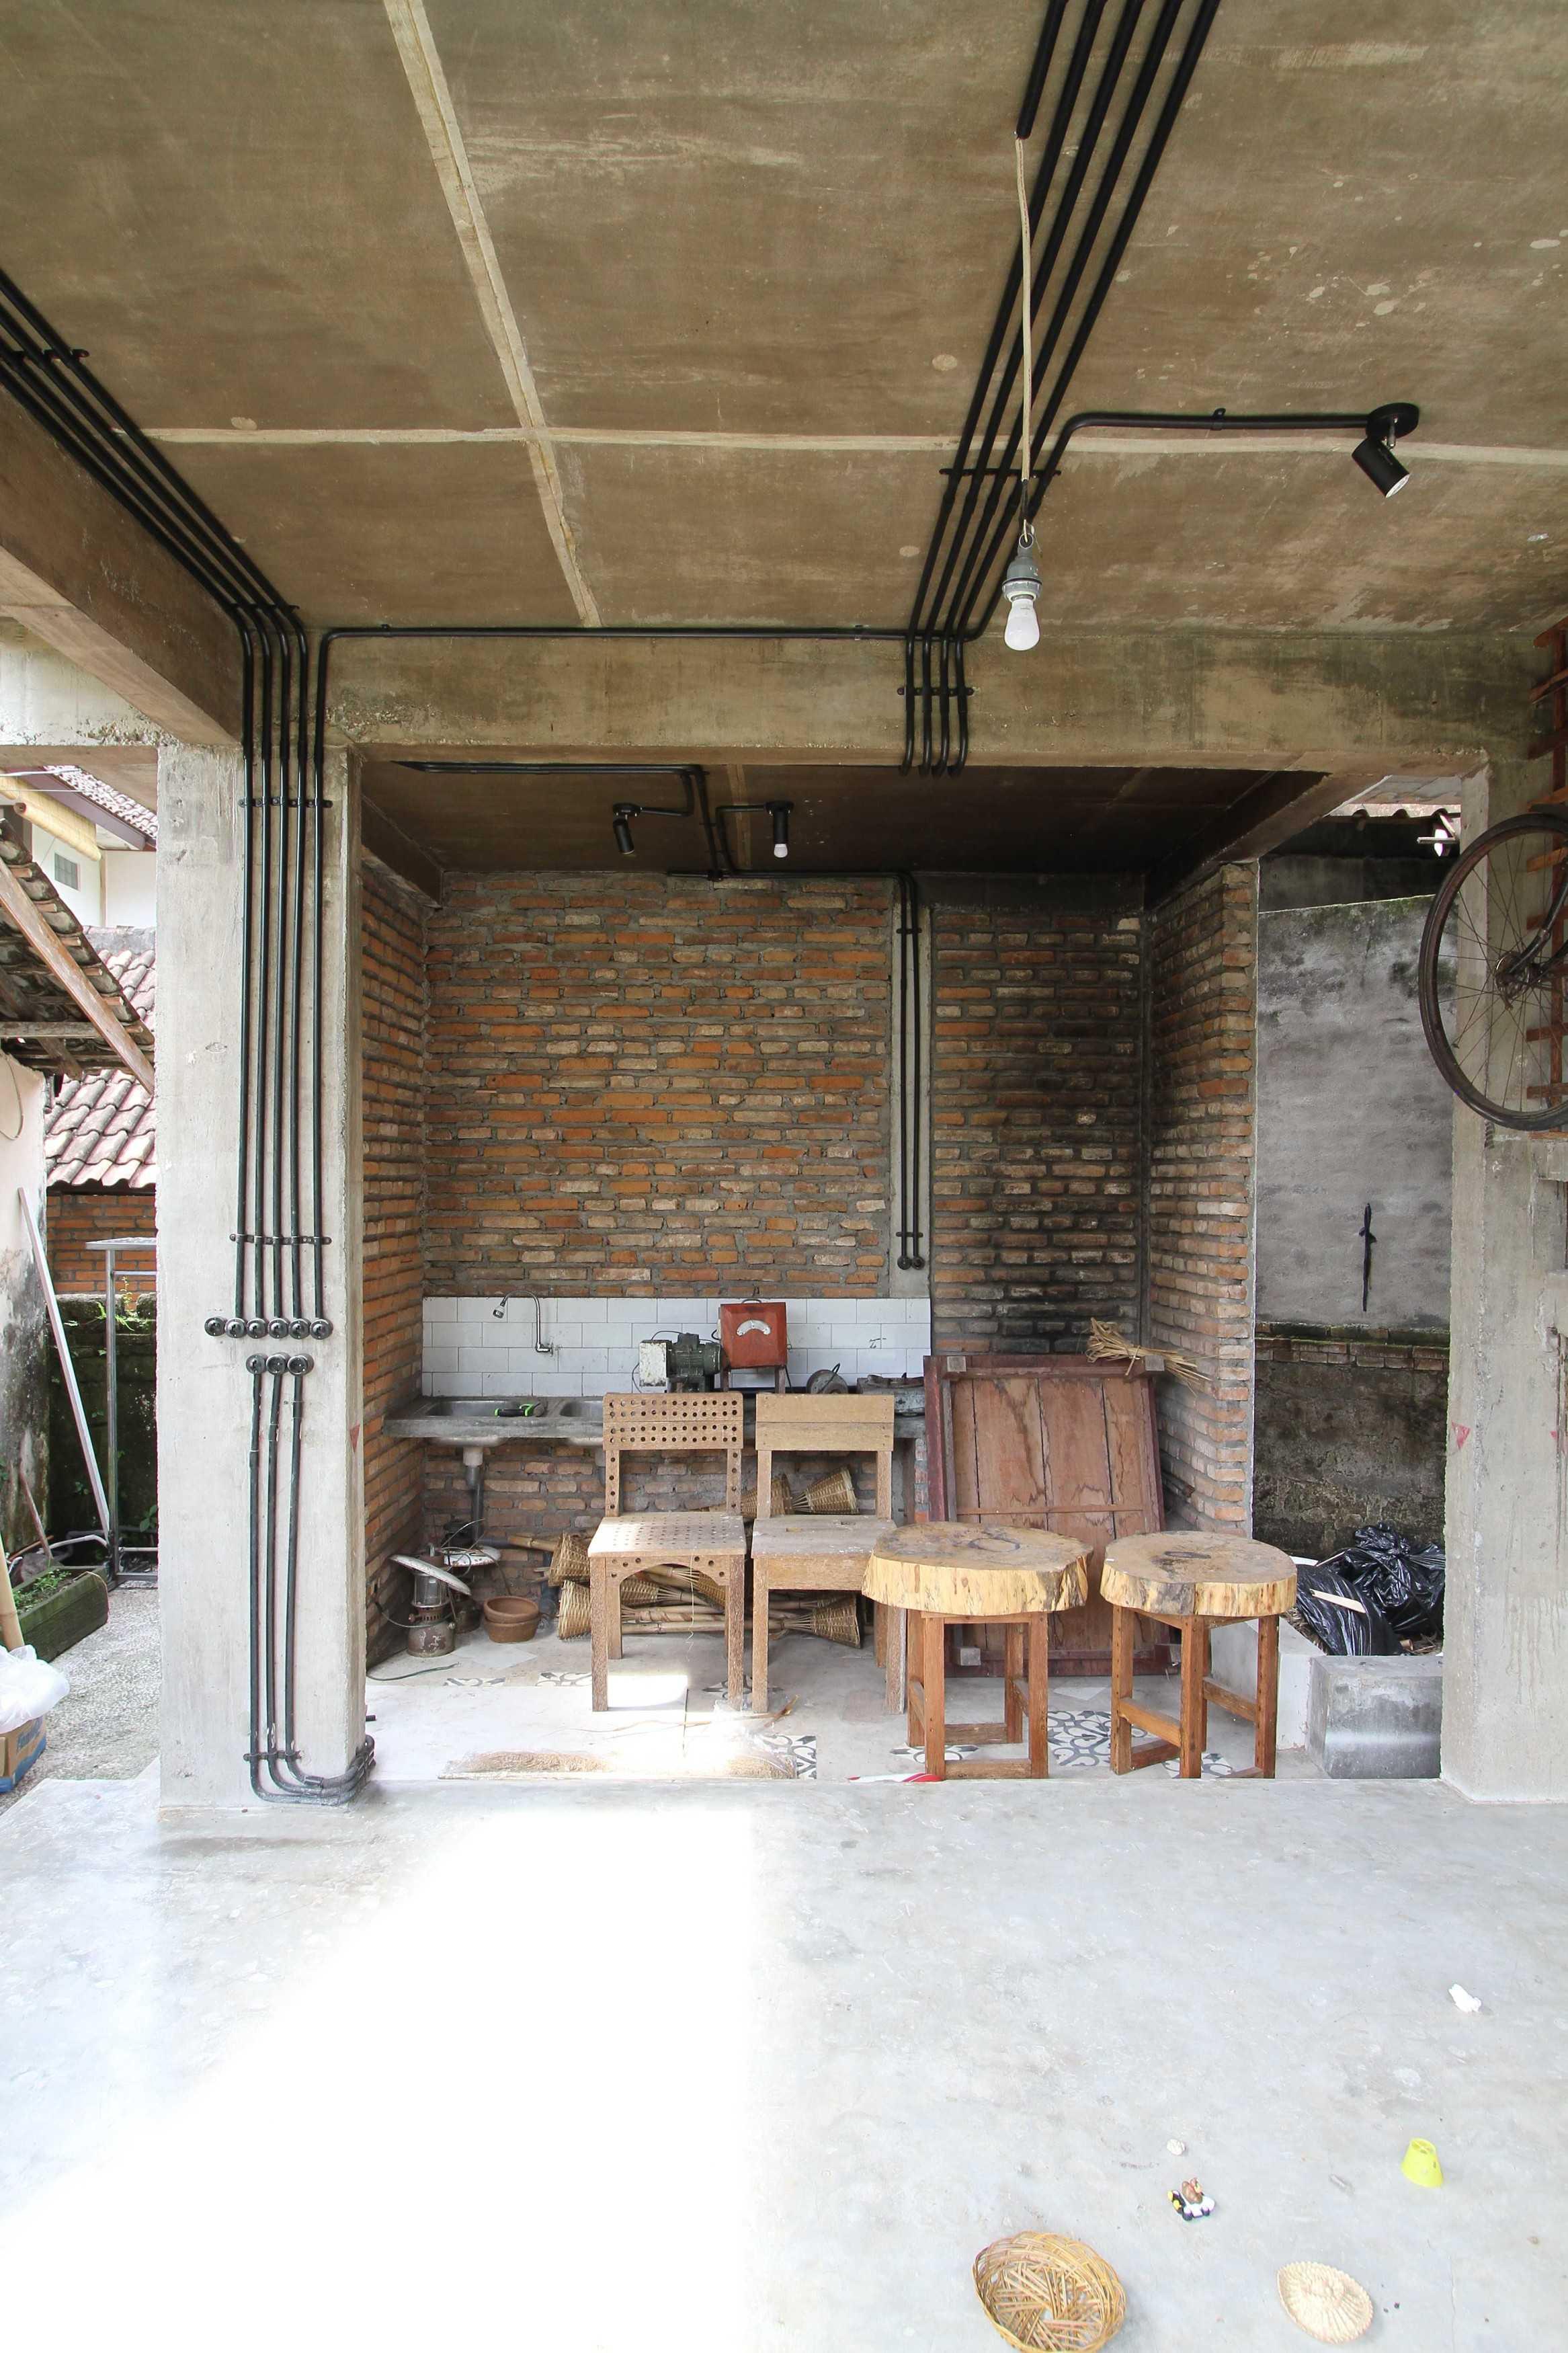 Ddap Architect Vertical Courtyard House Jl. Hanoman, Ubud, Kabupaten Gianyar, Bali 80571, Indonesia Jl. Hanoman, Ubud, Kabupaten Gianyar, Bali 80571, Indonesia Interior View Tradisional  44413